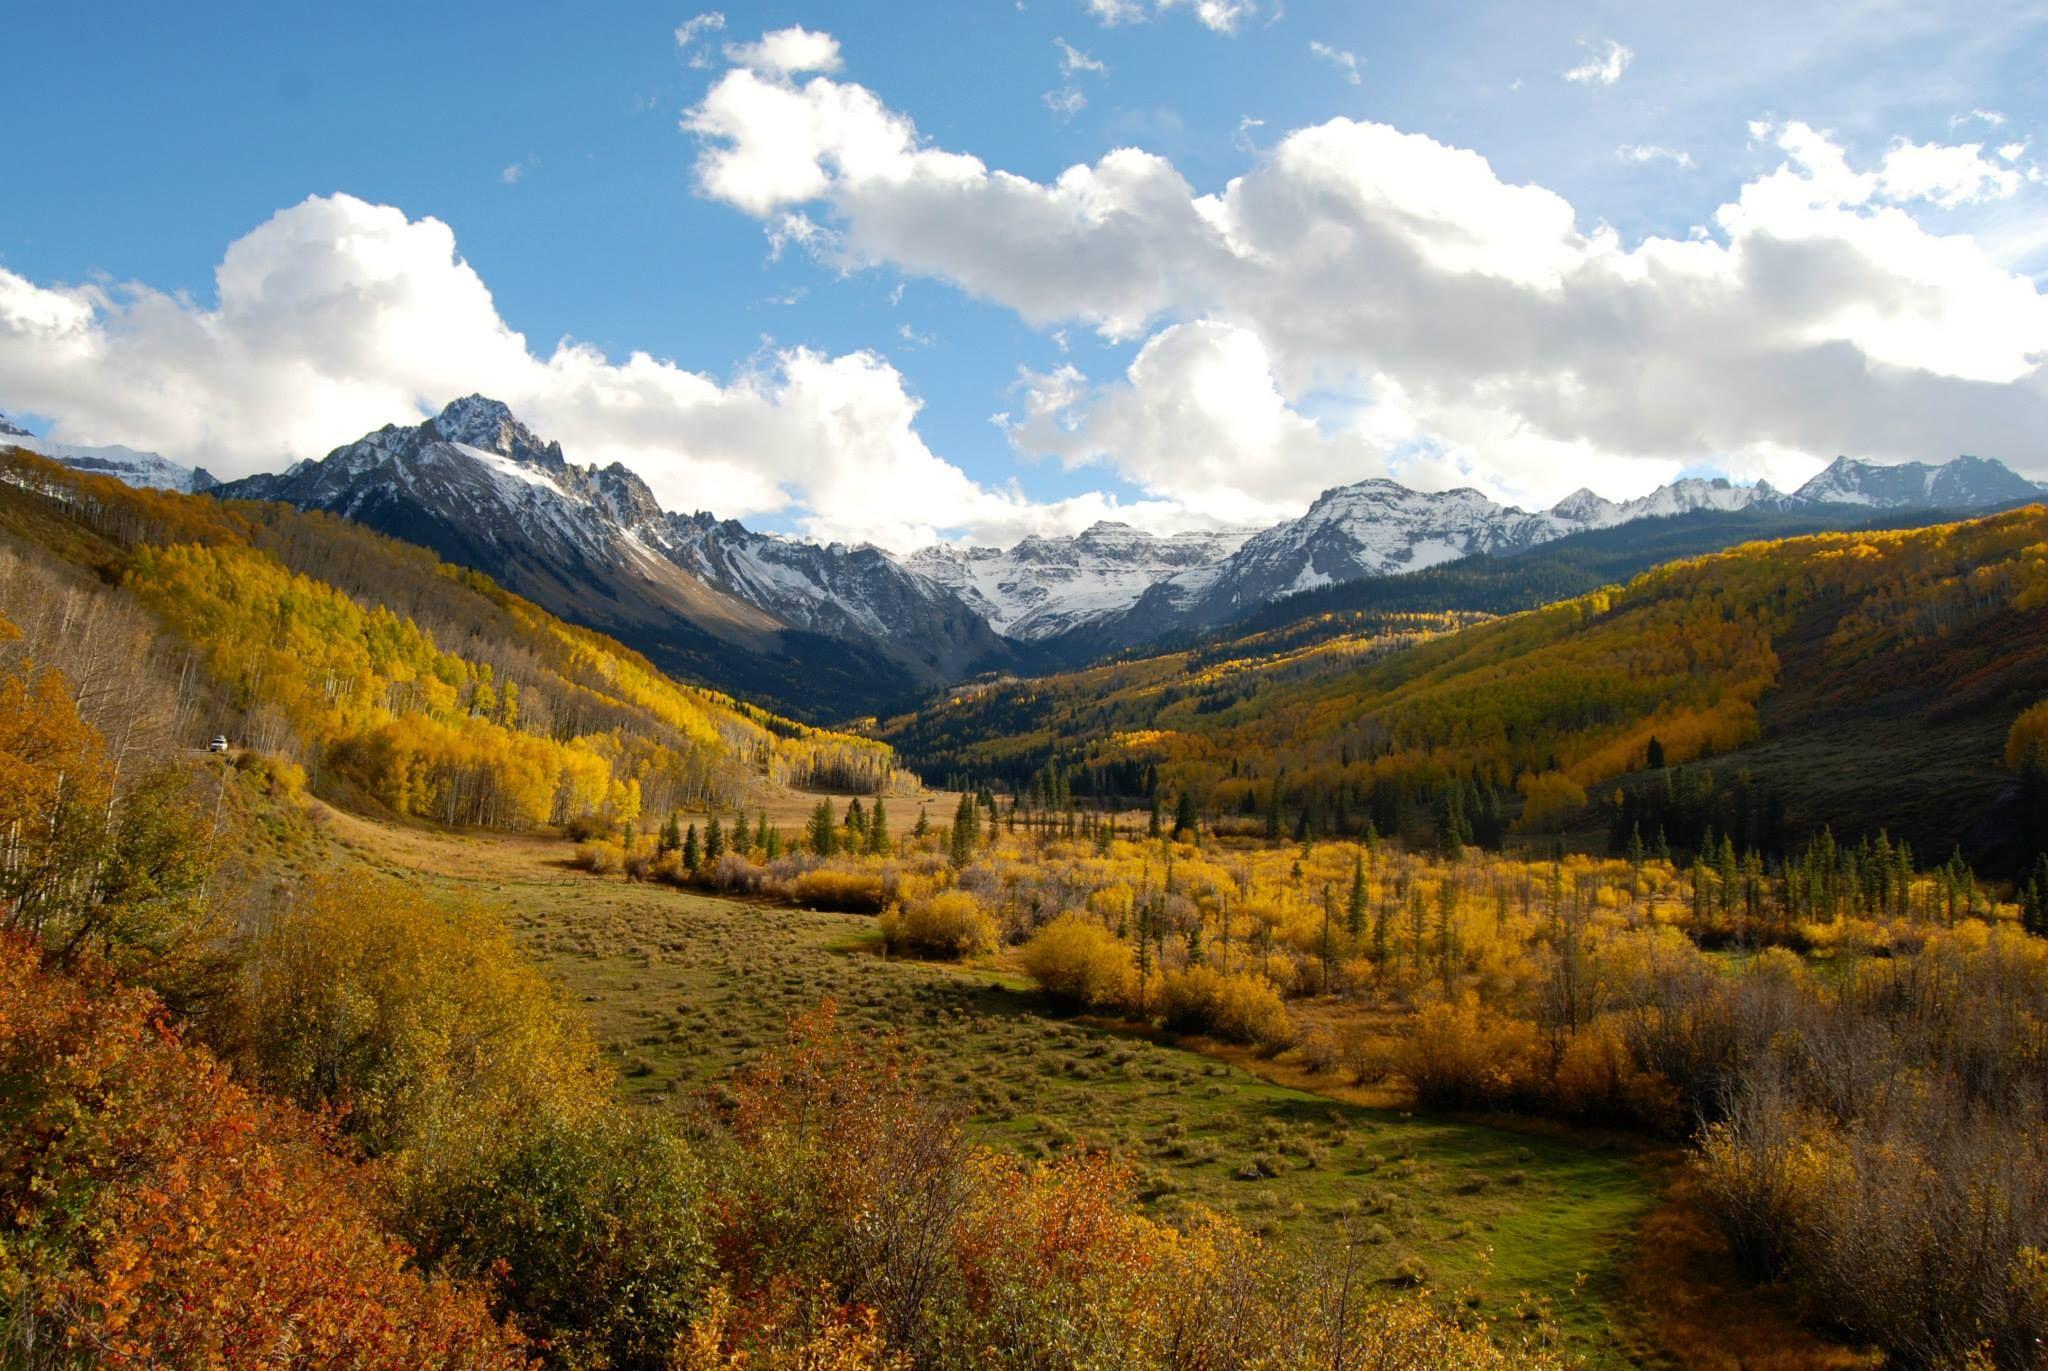 Mt. Sneffels San Juan Range Colorado. Fall Colors. County Road 7. (2048 x 1371)